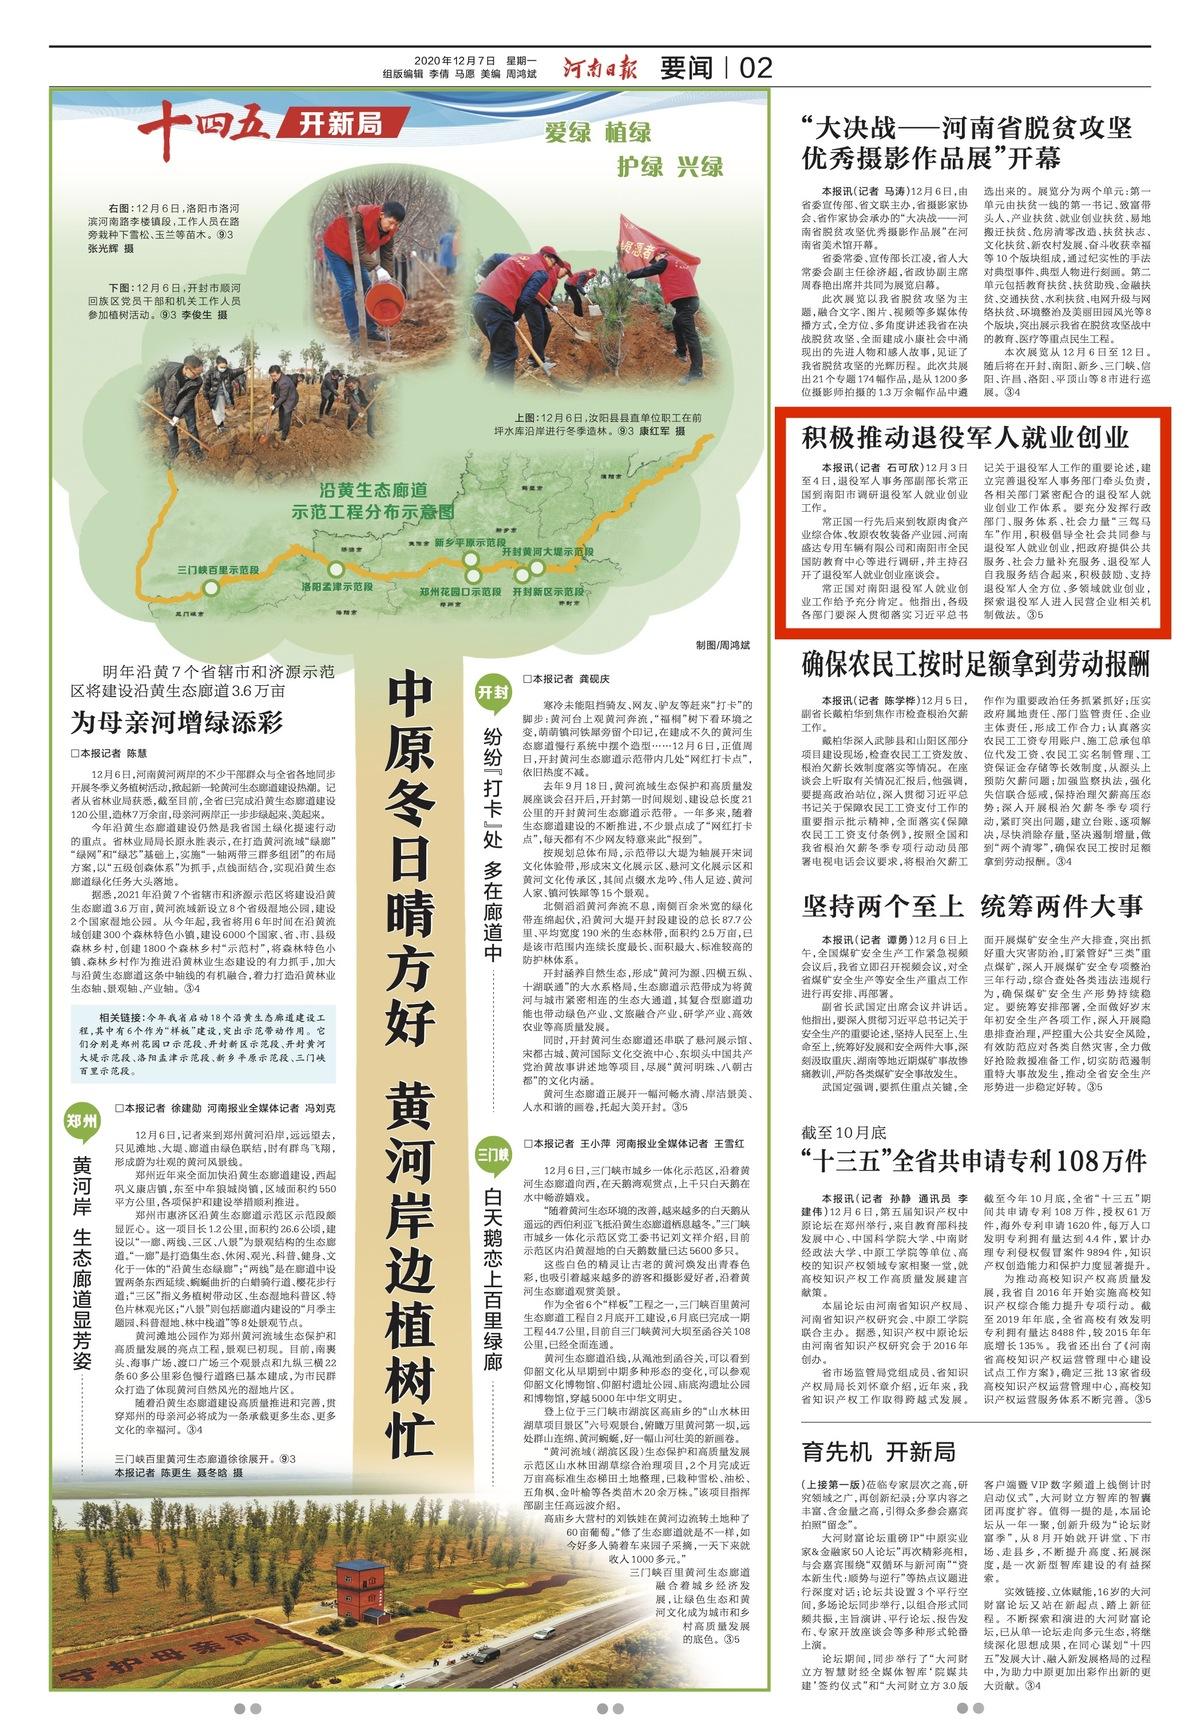 河南日报:积极推动退役军人就业创业